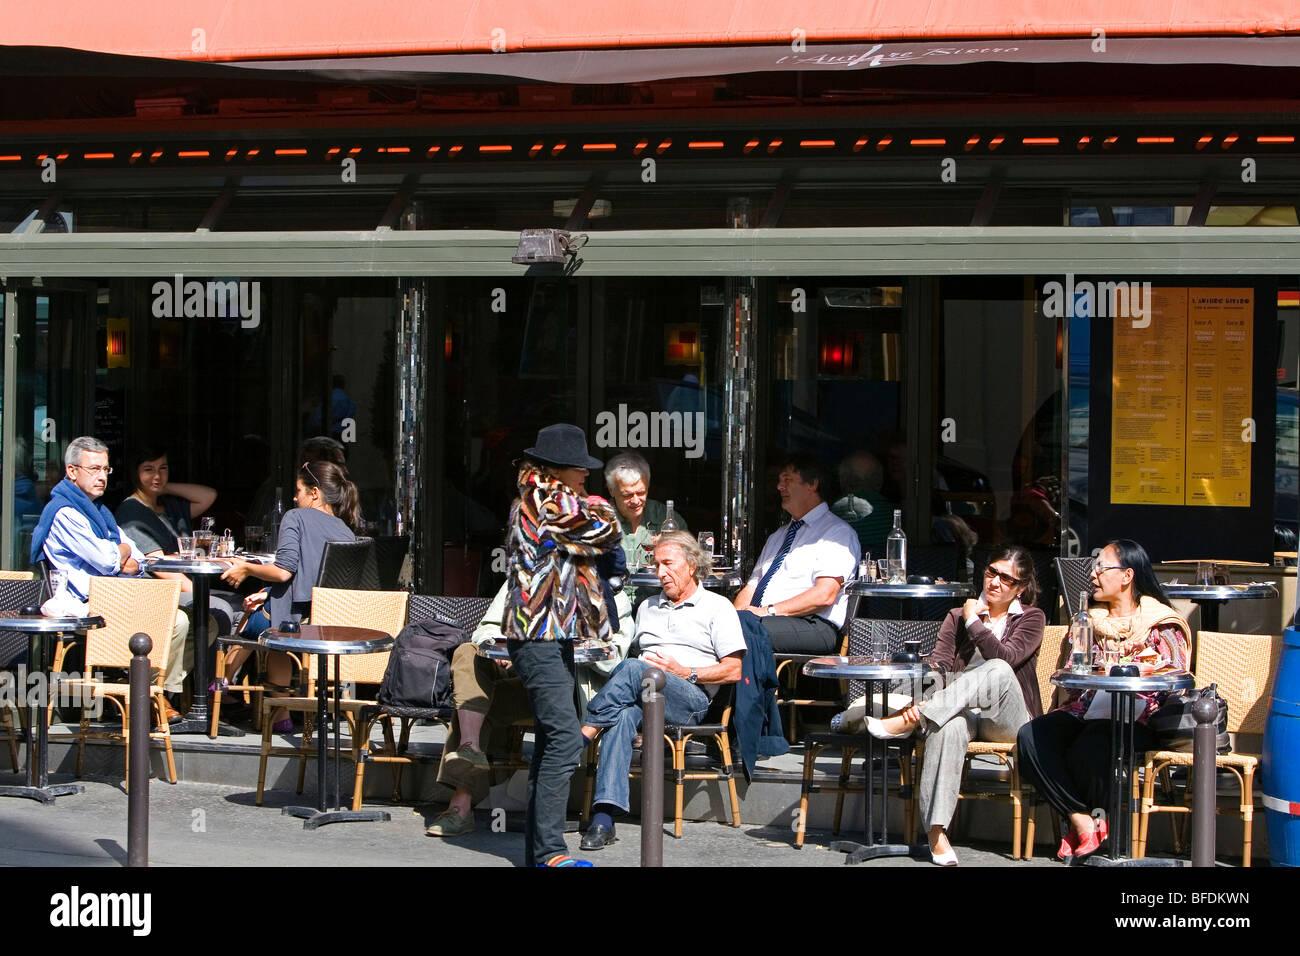 Sidewalk cafe in Paris, France. - Stock Image